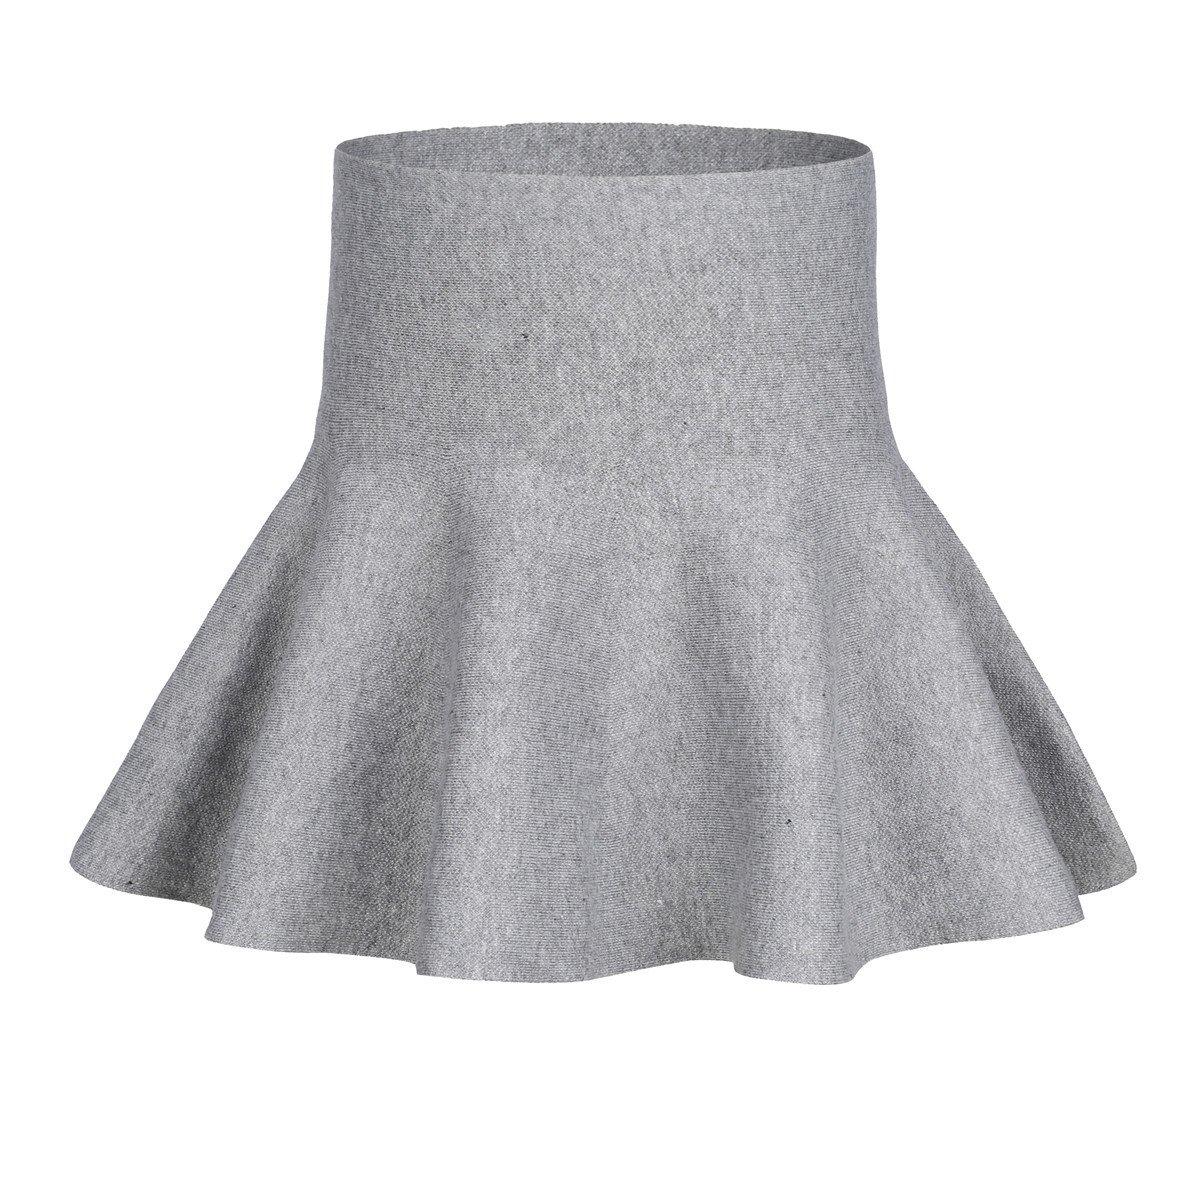 storeofbaby Gonne a pieghe casuali a pieghe svasate a maglia a vita alta da bambina Girls Skirts_EU